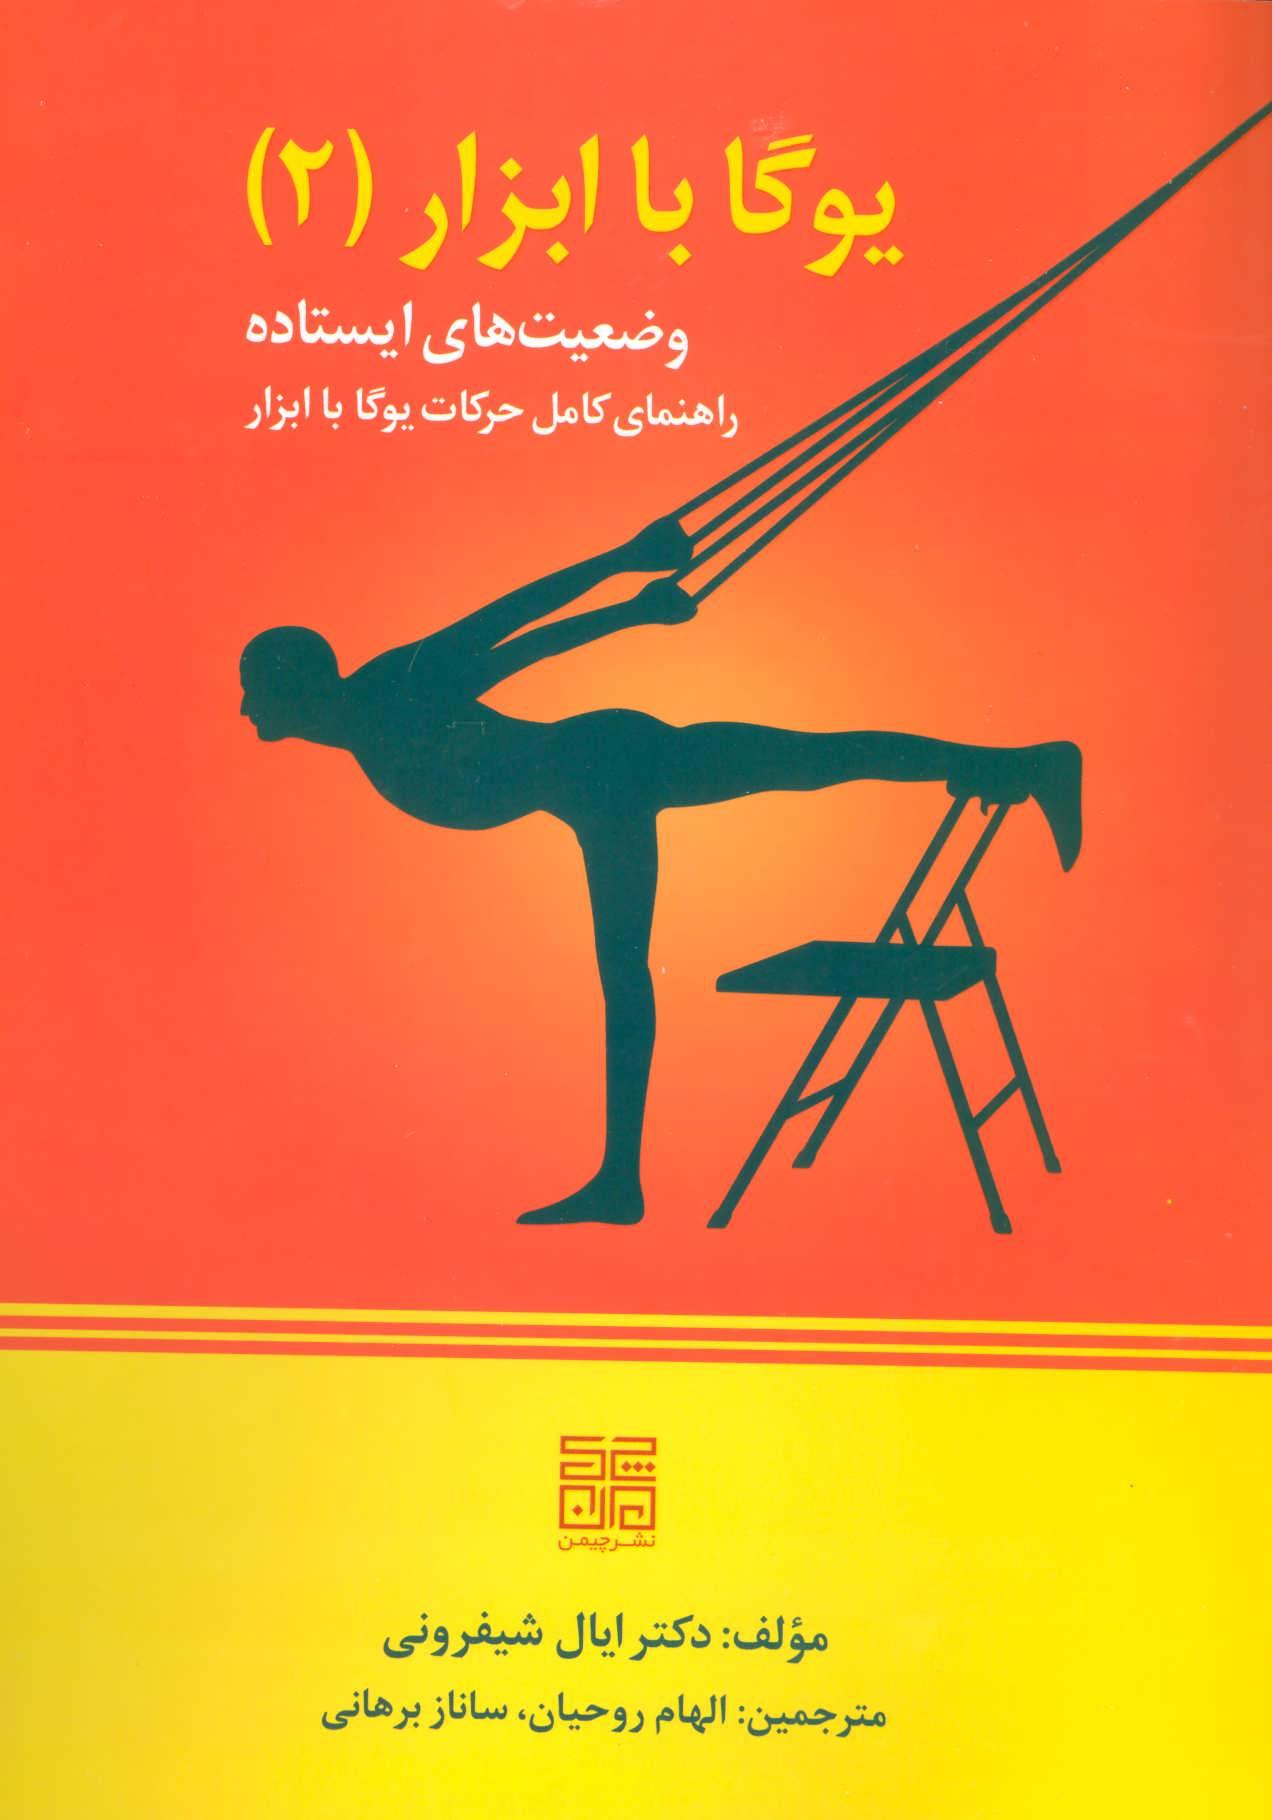 یوگا با ابزار 2 (وضعیت های ایستاده)